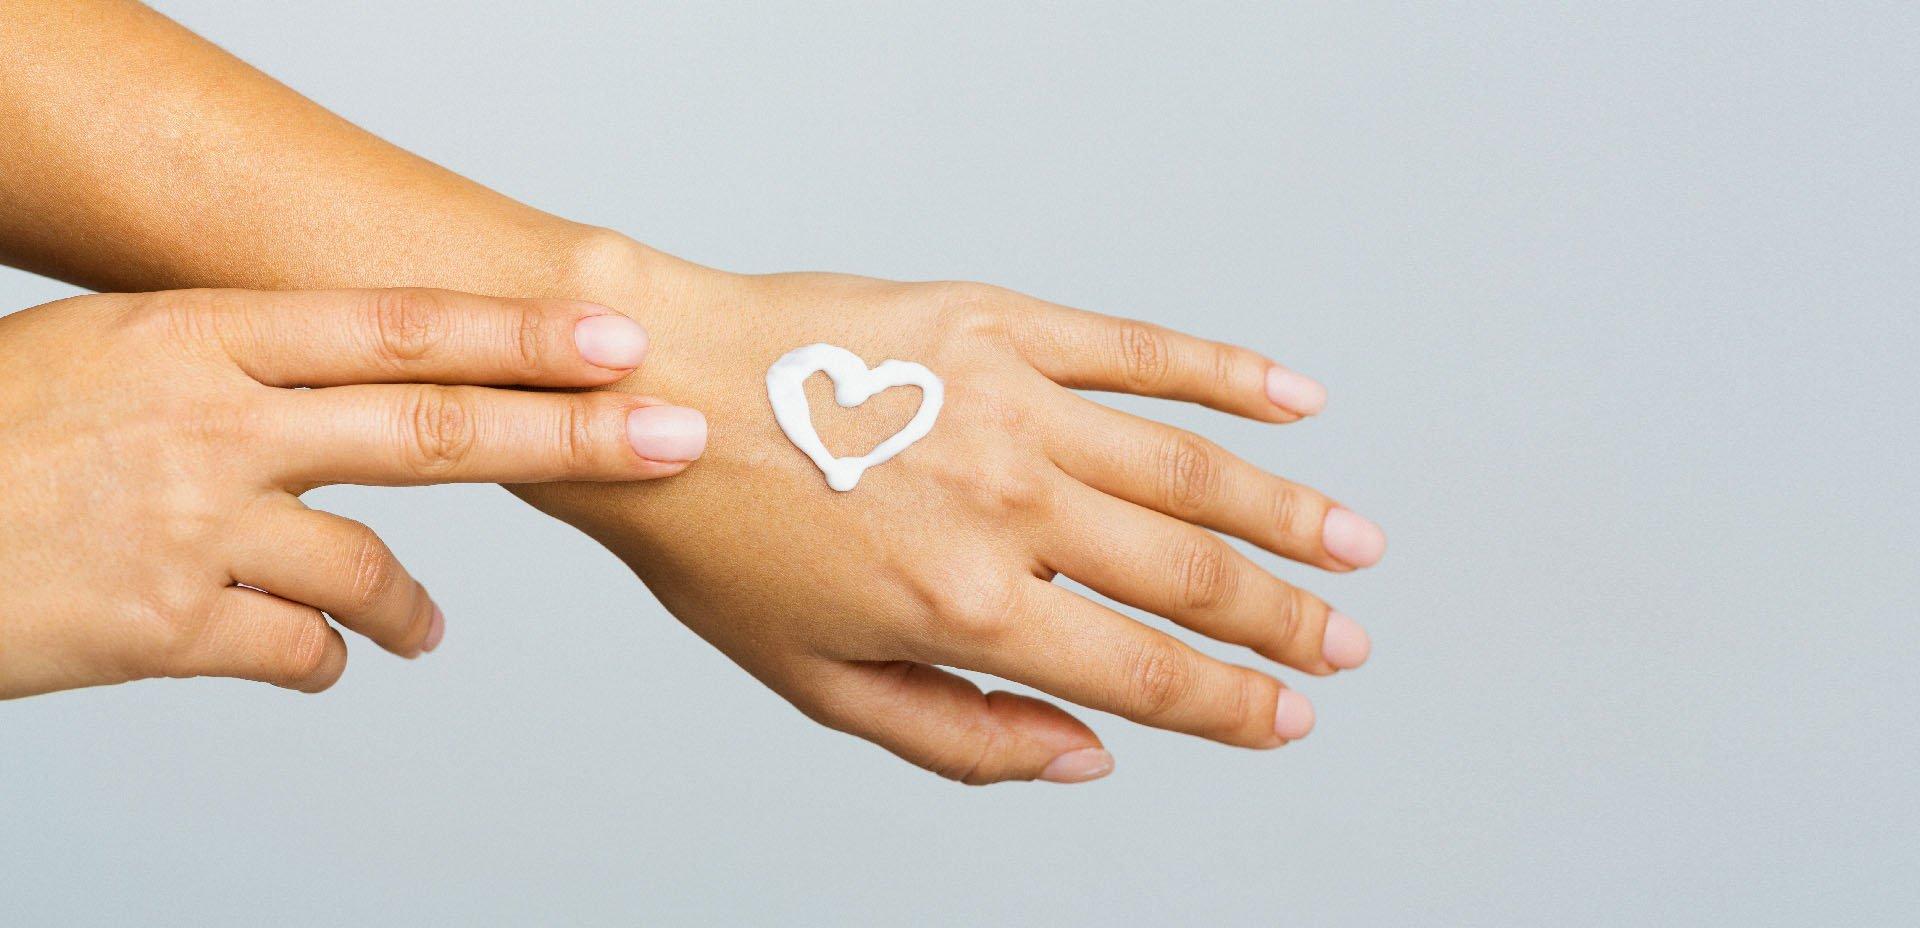 Verdesativa, rimedi naturali contro il freddo per mani e labbra